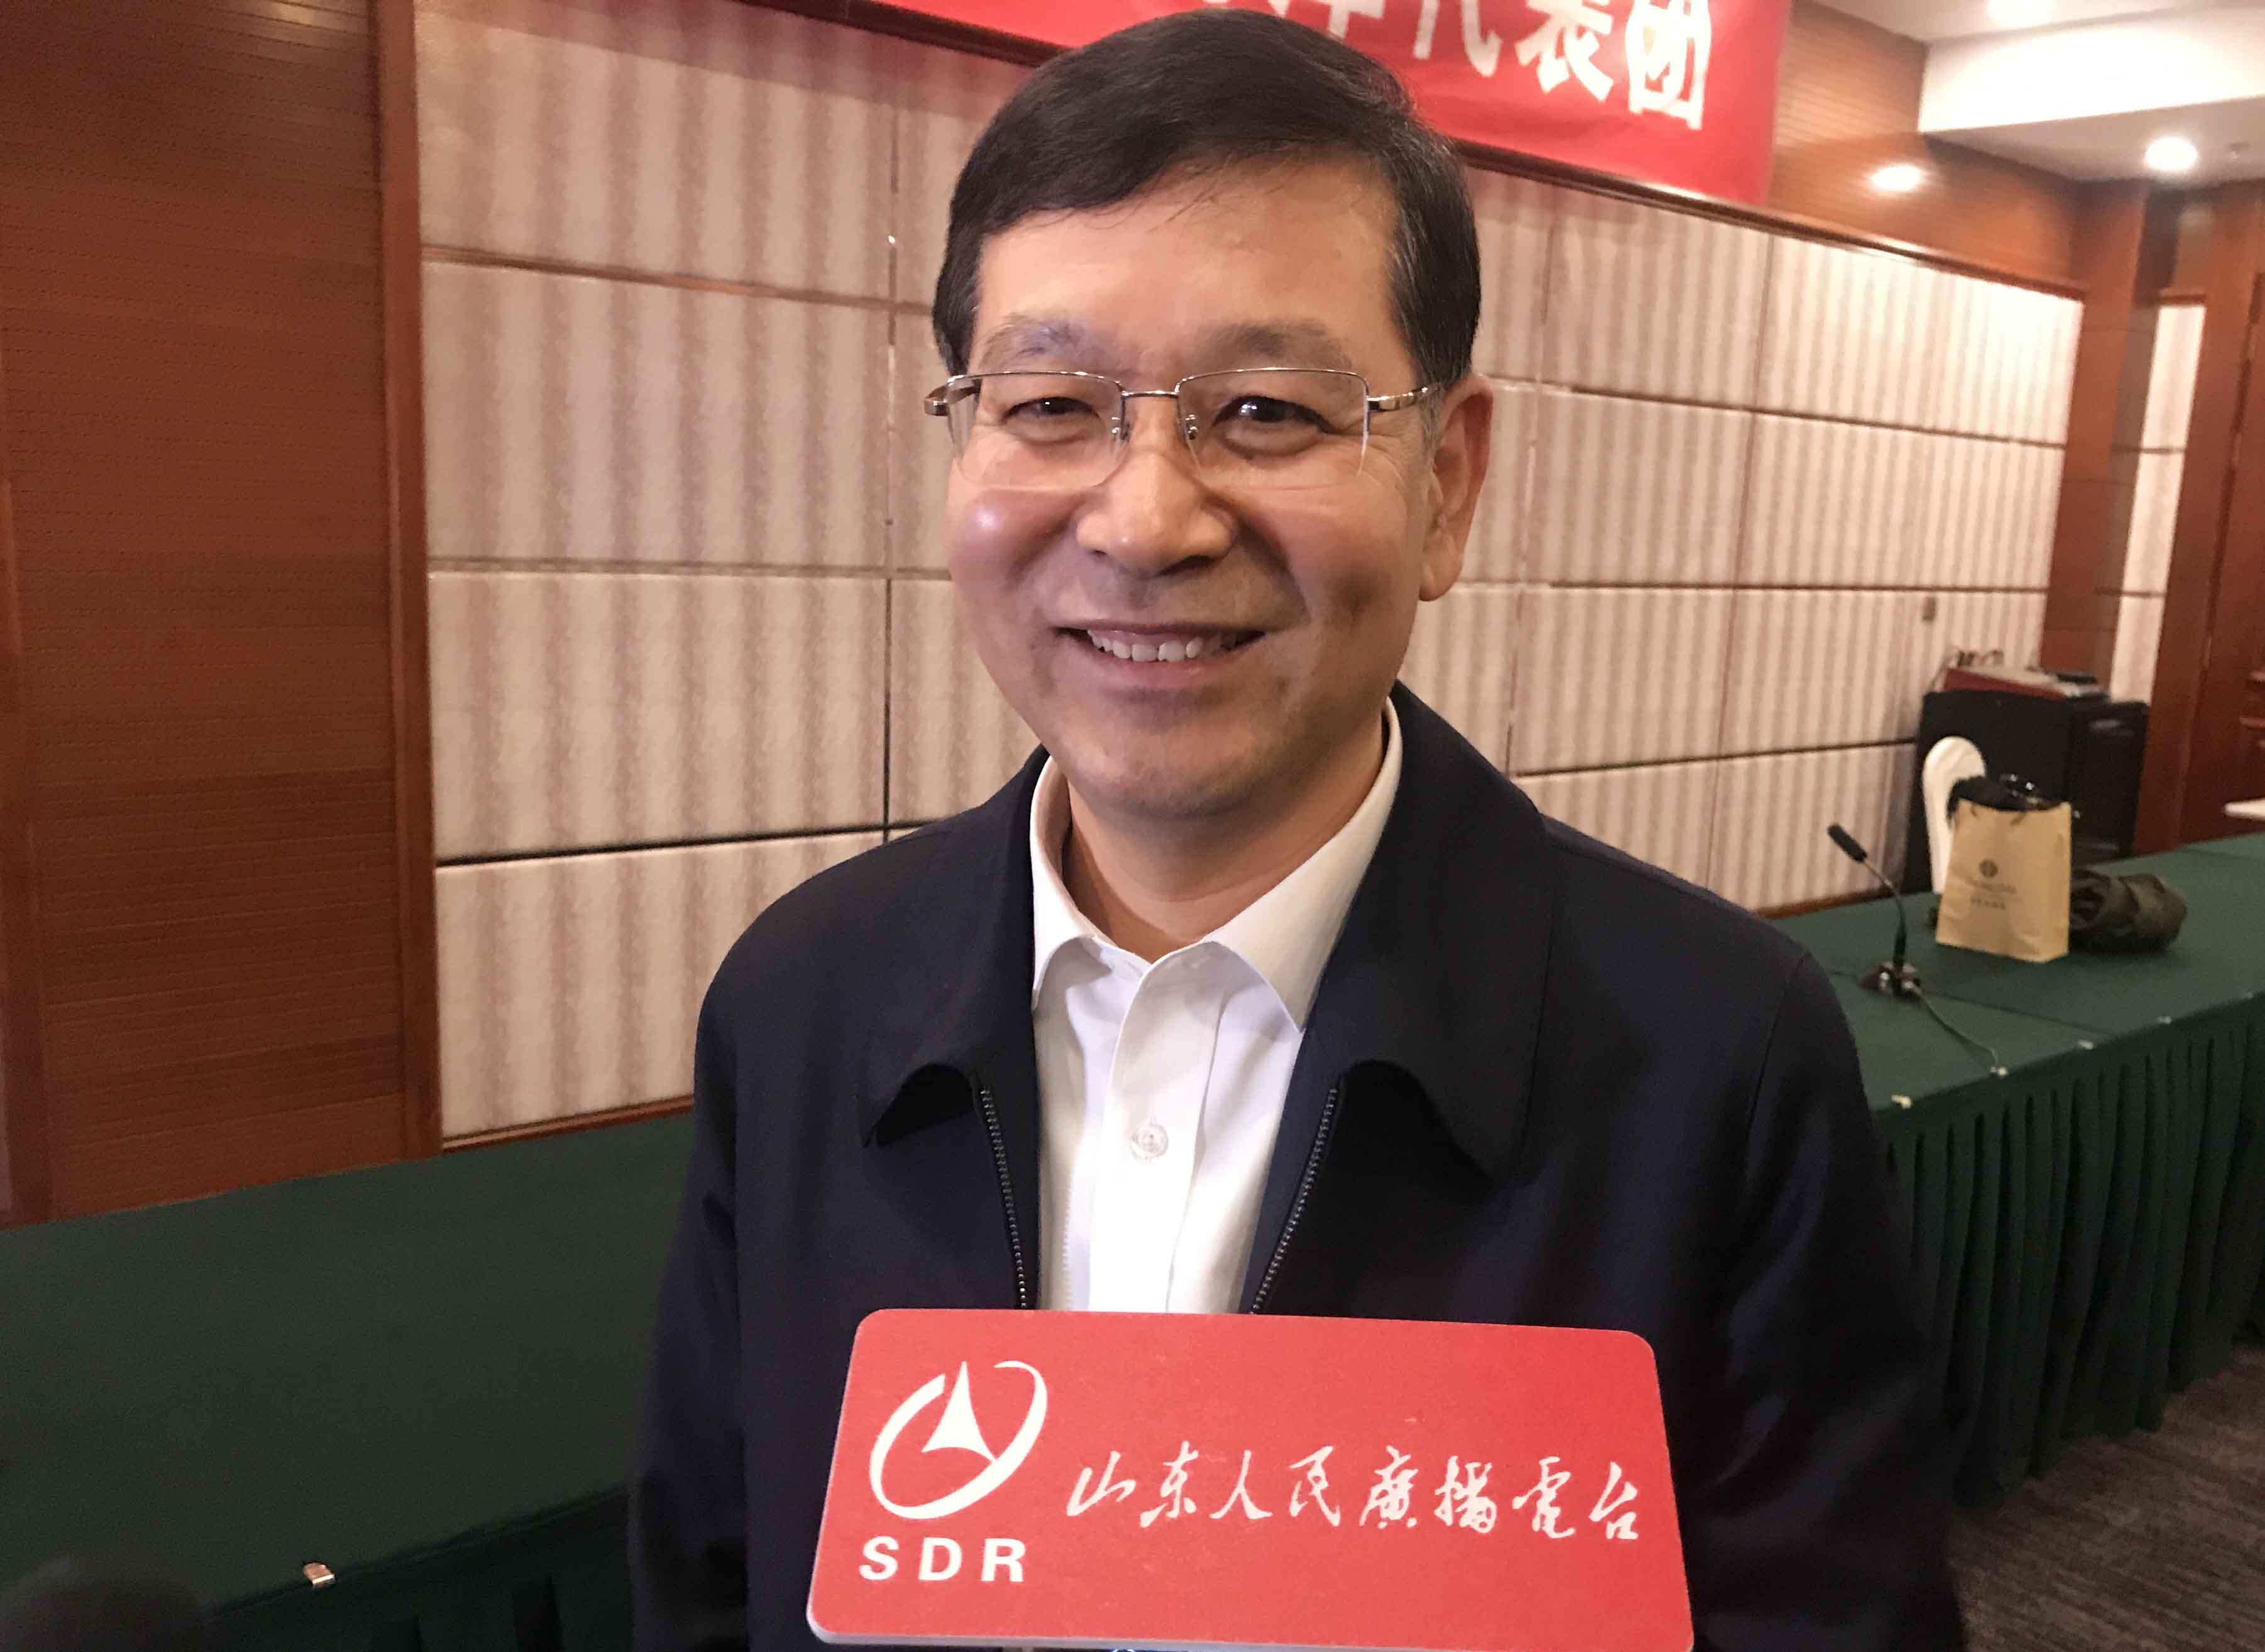 省人大代表、淄博市委书记周连华:坚定不移降煤耗 让淄博天更蓝